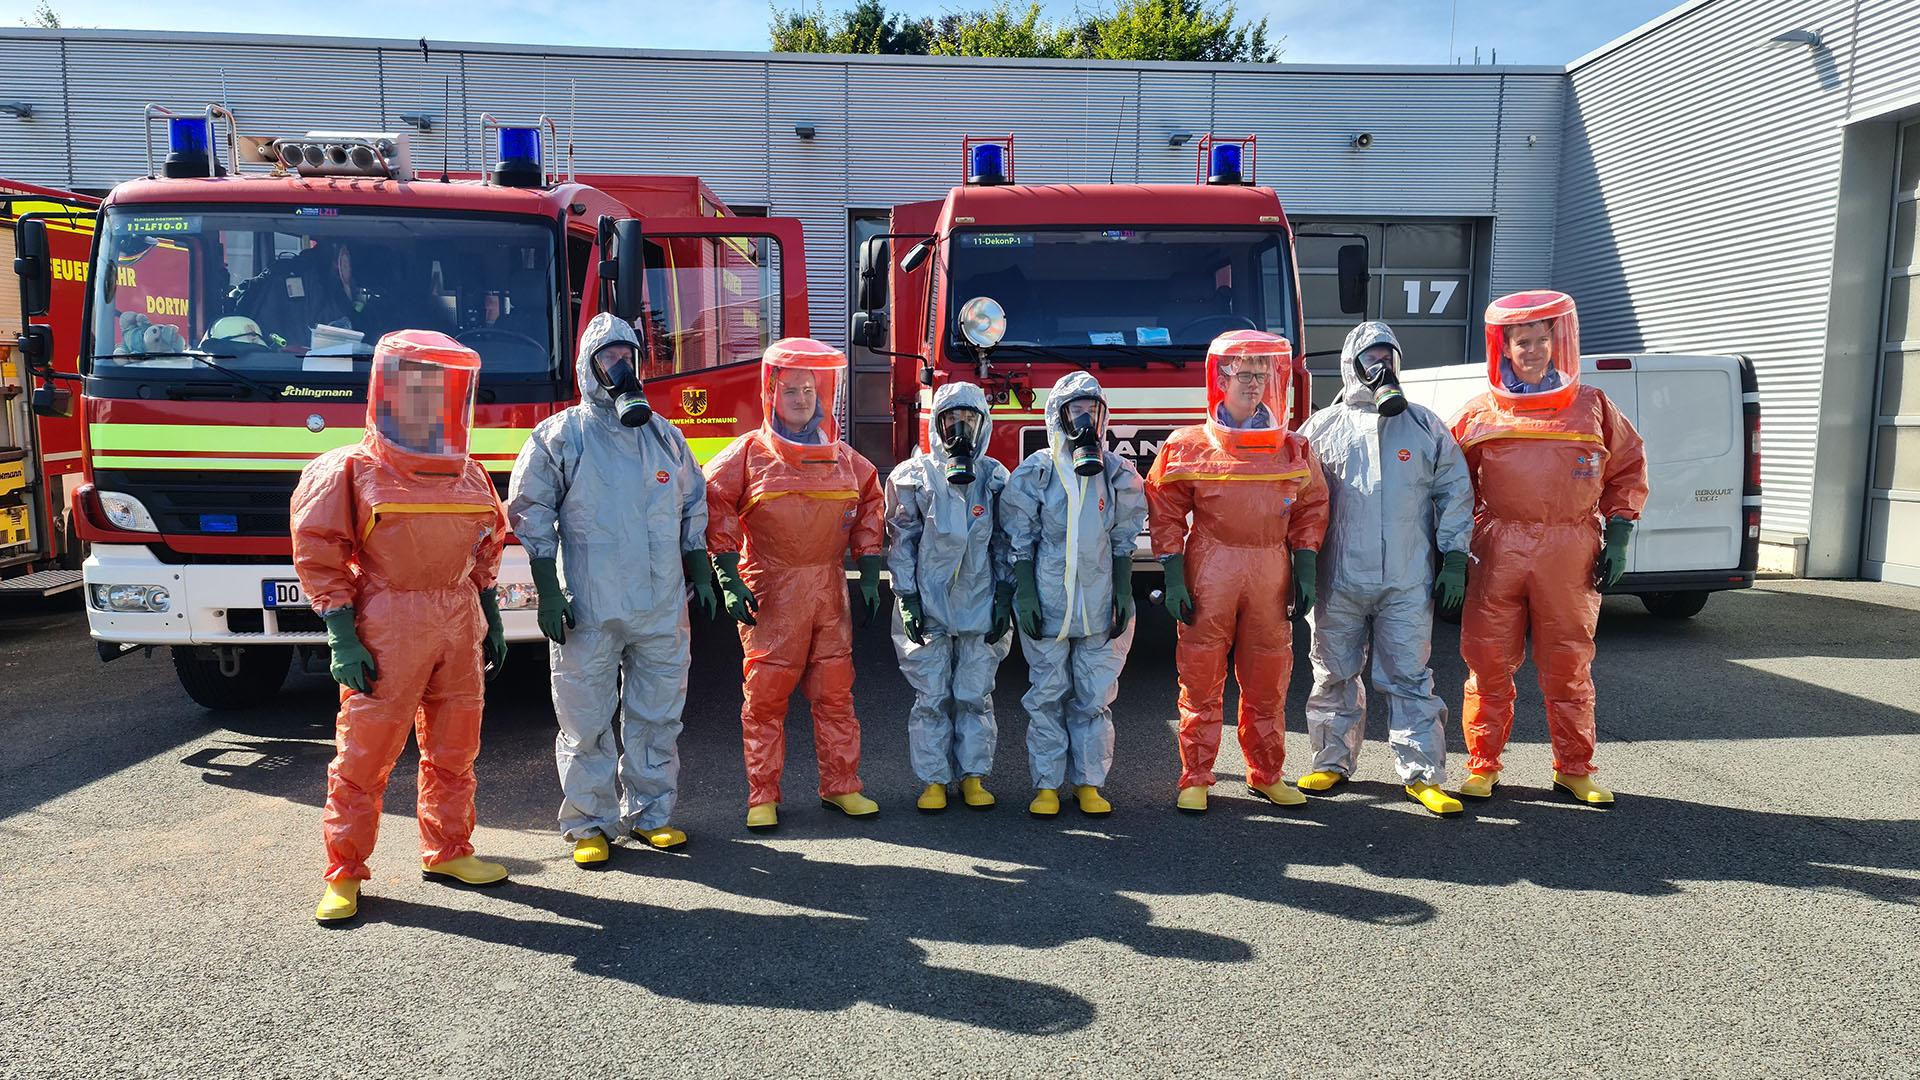 Feuerwehrleute in Schutzkleidung